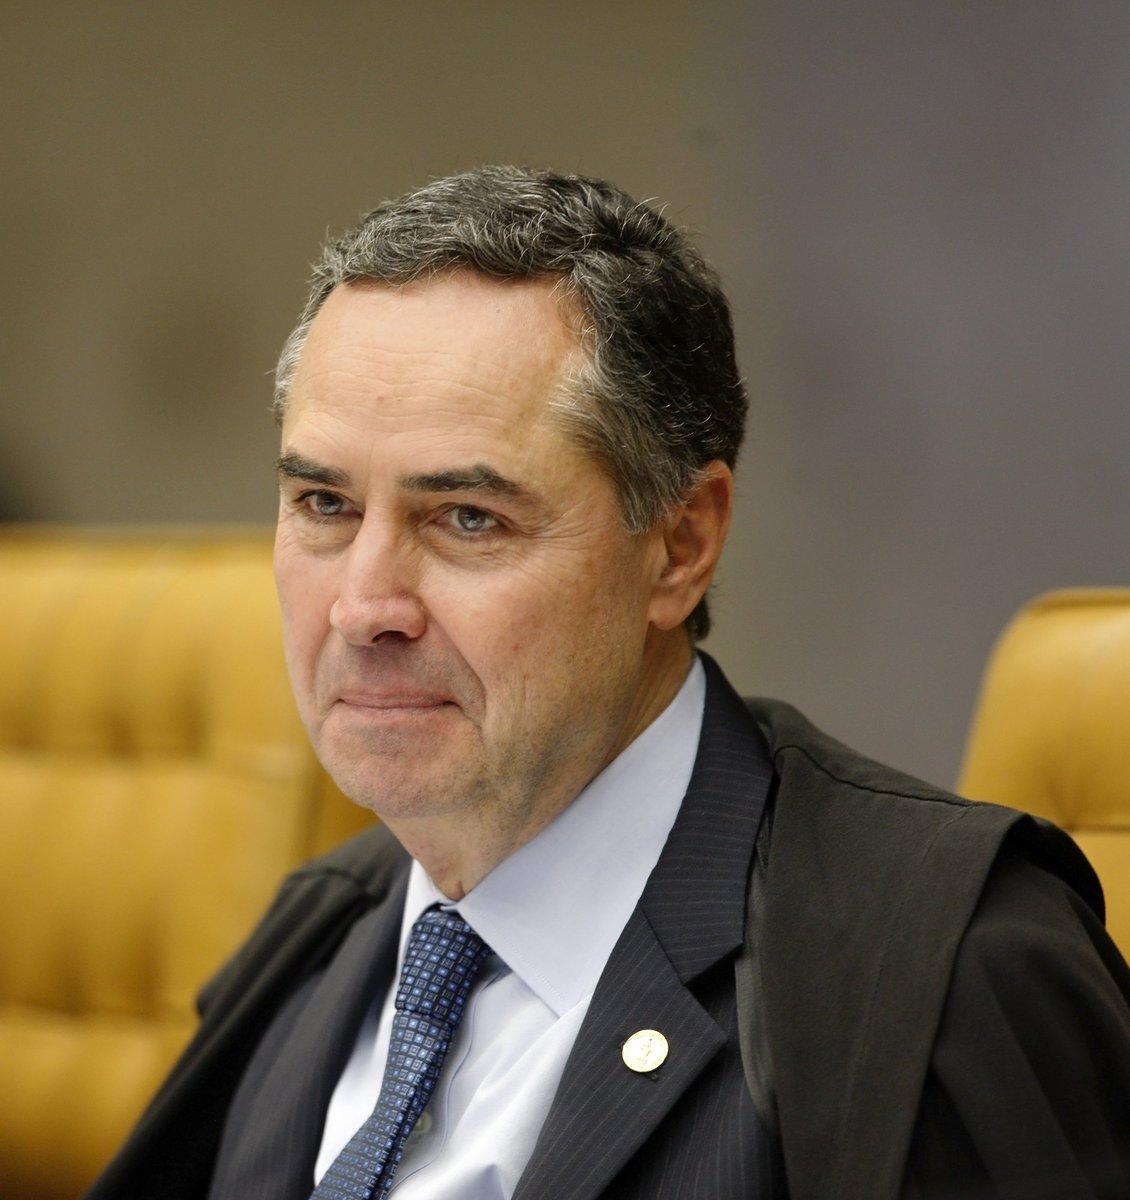 'Não permitir ação cautelar é dizer que o crime é permitido', diz Barroso sobre afastamento de parlamentares. https://t.co/ONTJg5pmYj